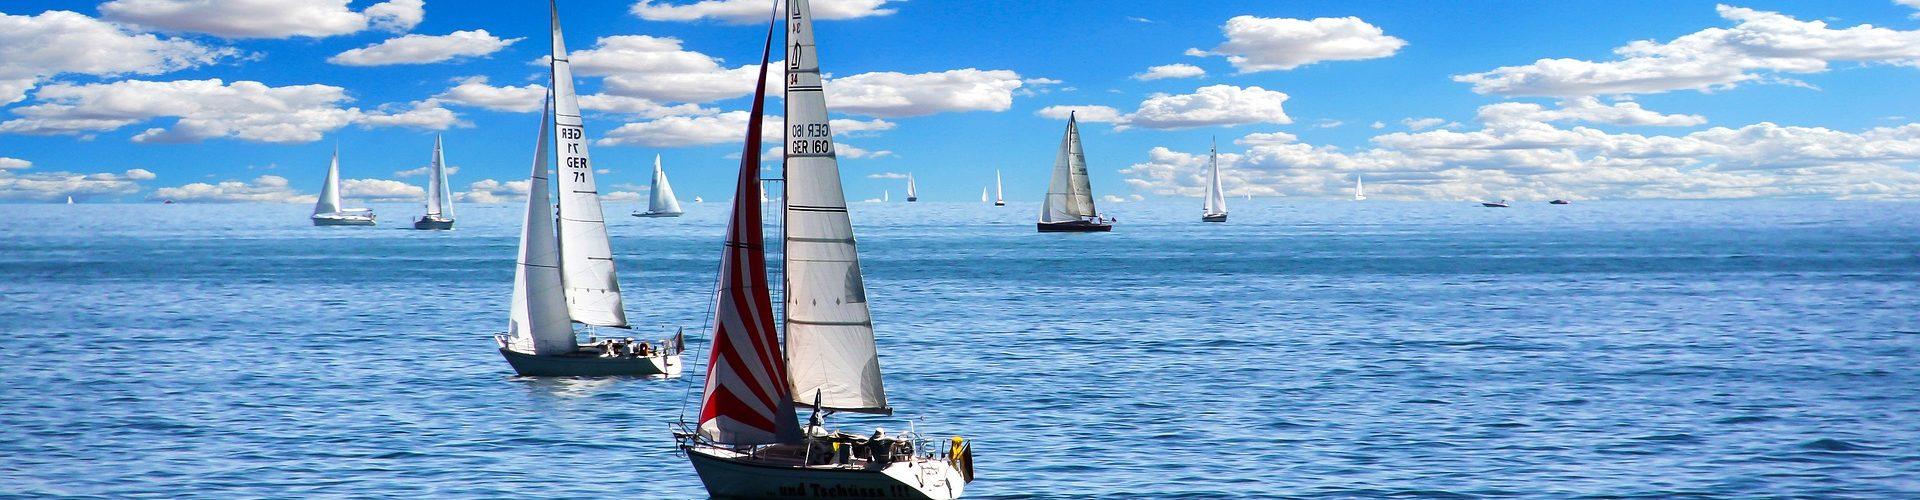 segeln lernen in Hünfeld segelschein machen in Hünfeld 1920x500 - Segeln lernen in Hünfeld